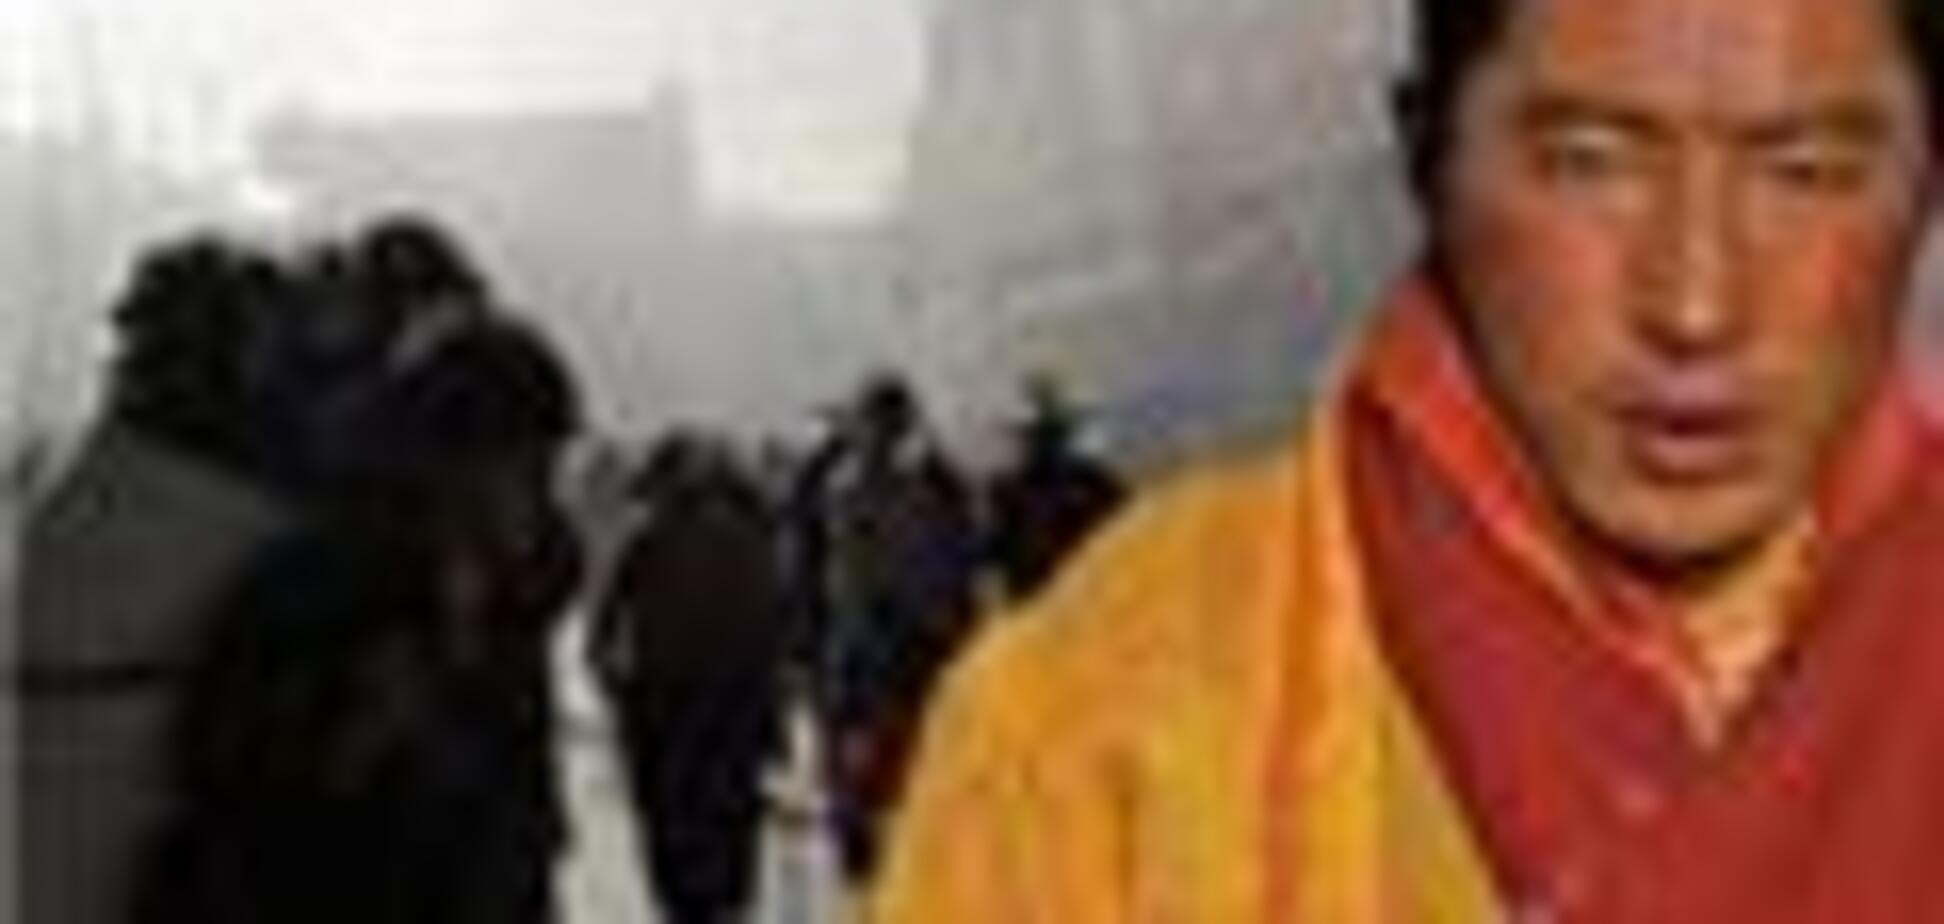 Протести в Тибеті розширили географію